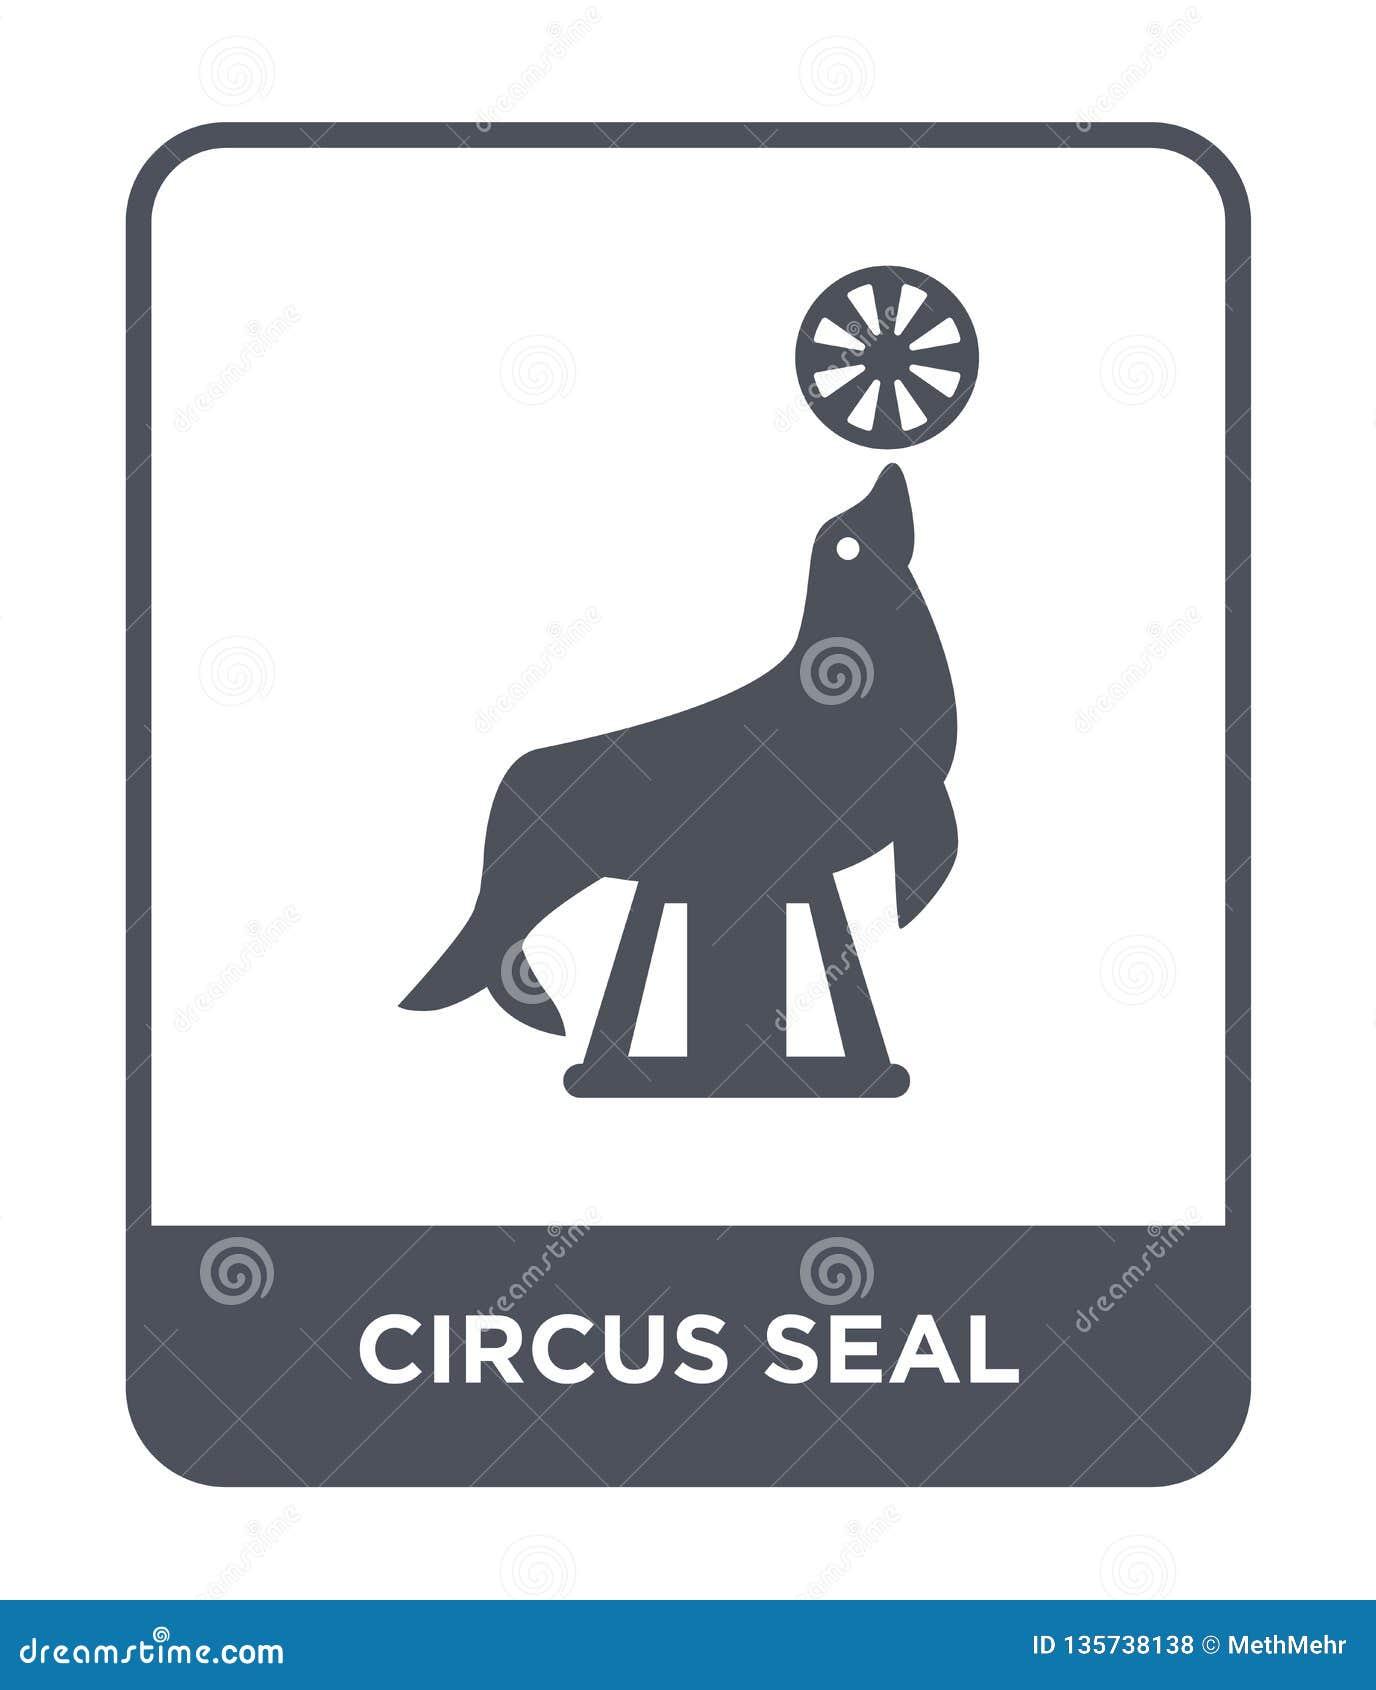 Icono del sello del circo en estilo de moda del diseño icono del sello del circo aislado en el fondo blanco icono del vector del